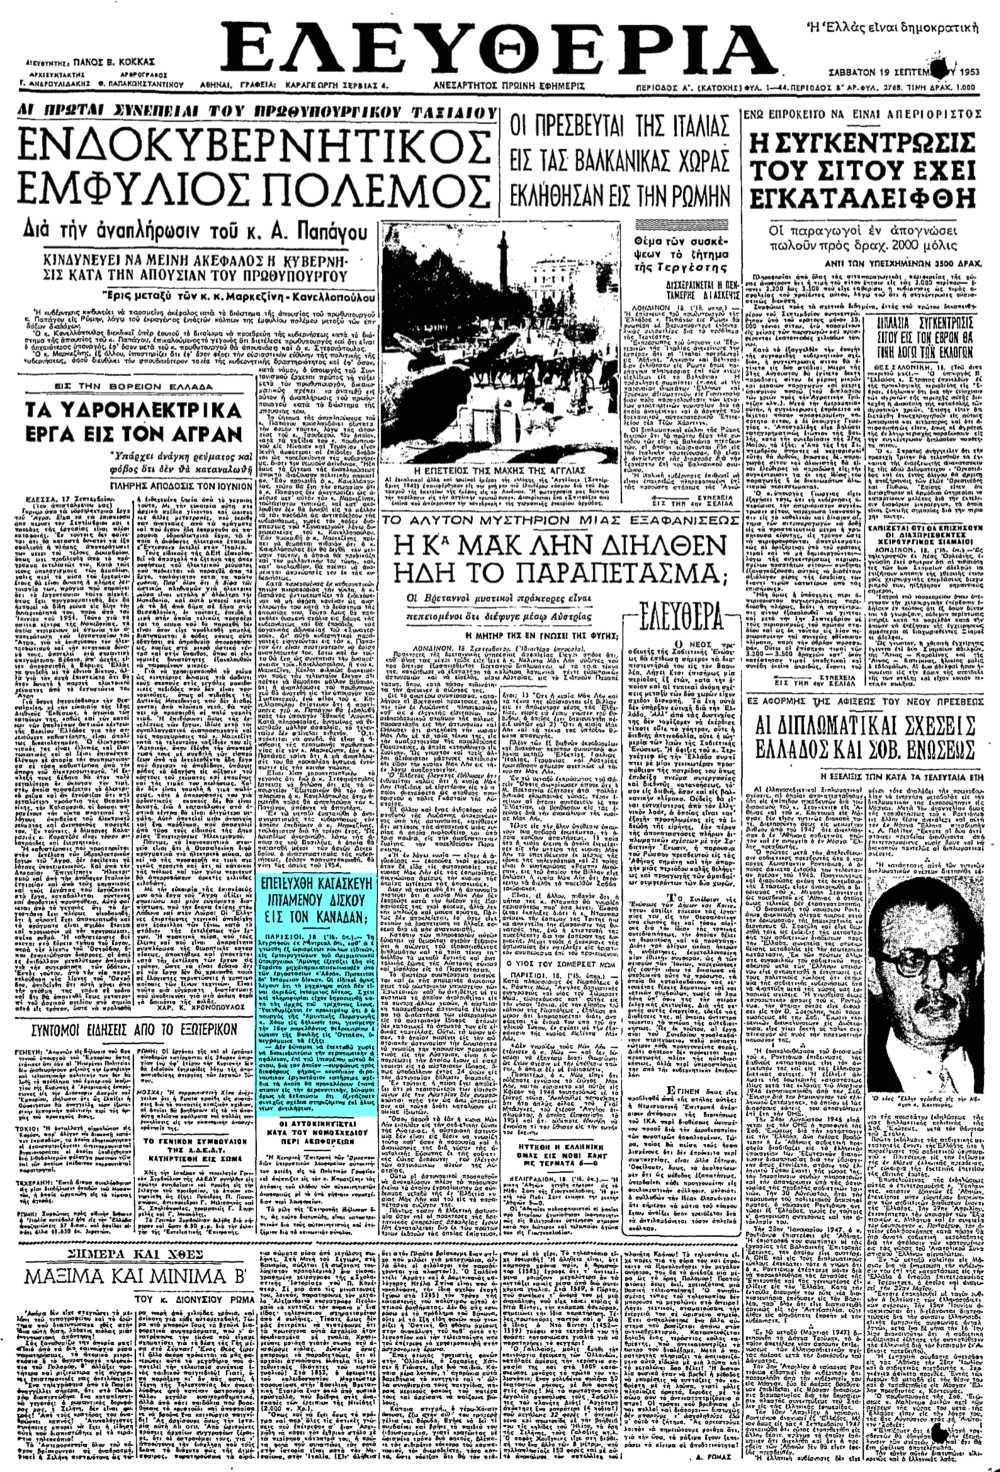 """Το άρθρο, όπως δημοσιεύθηκε στην εφημερίδα """"ΕΛΕΥΘΕΡΙΑ"""", στις 19/09/1953"""